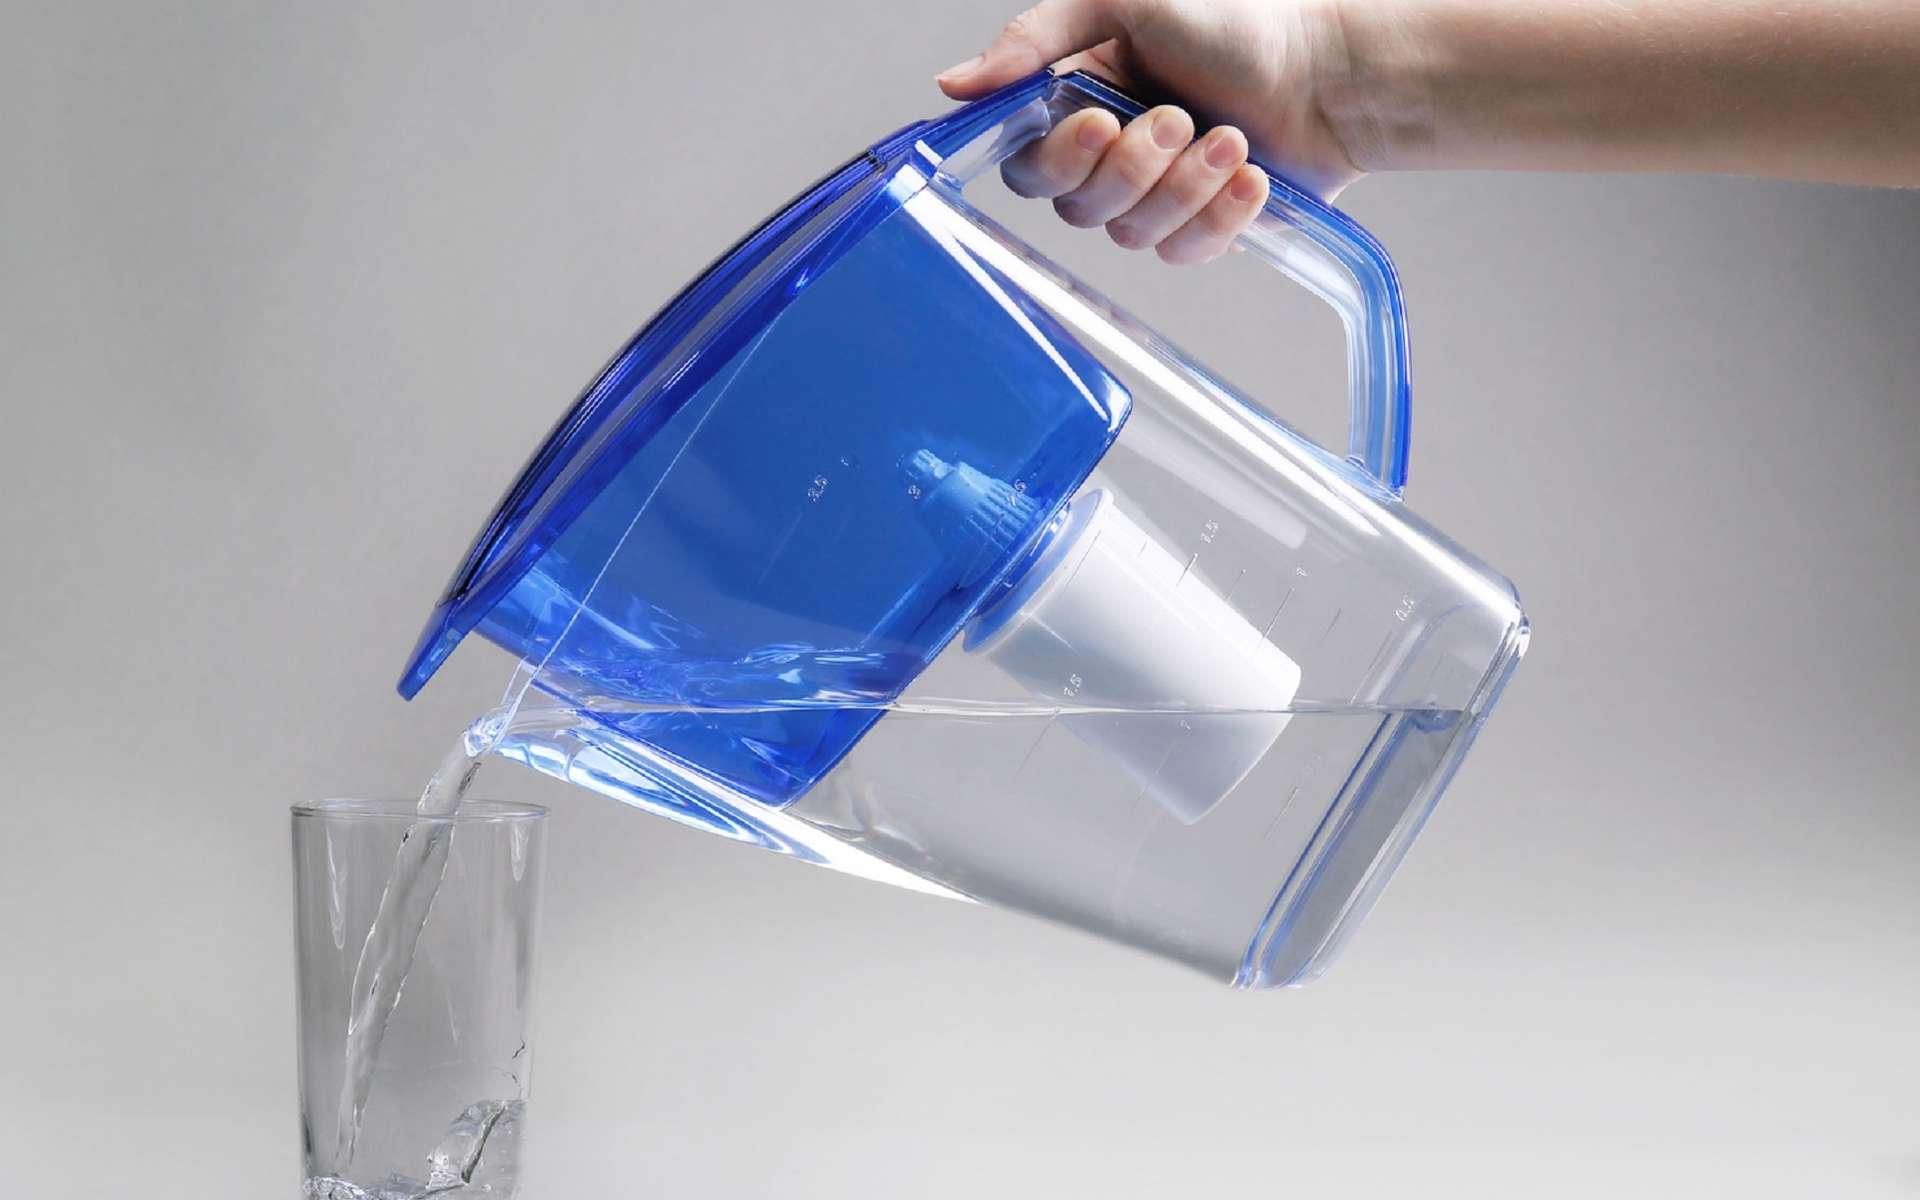 D'après l'Anses, les carafes d'eau filtrantes ne seraient pas si efficaces. © Africa Studio, Fotolia